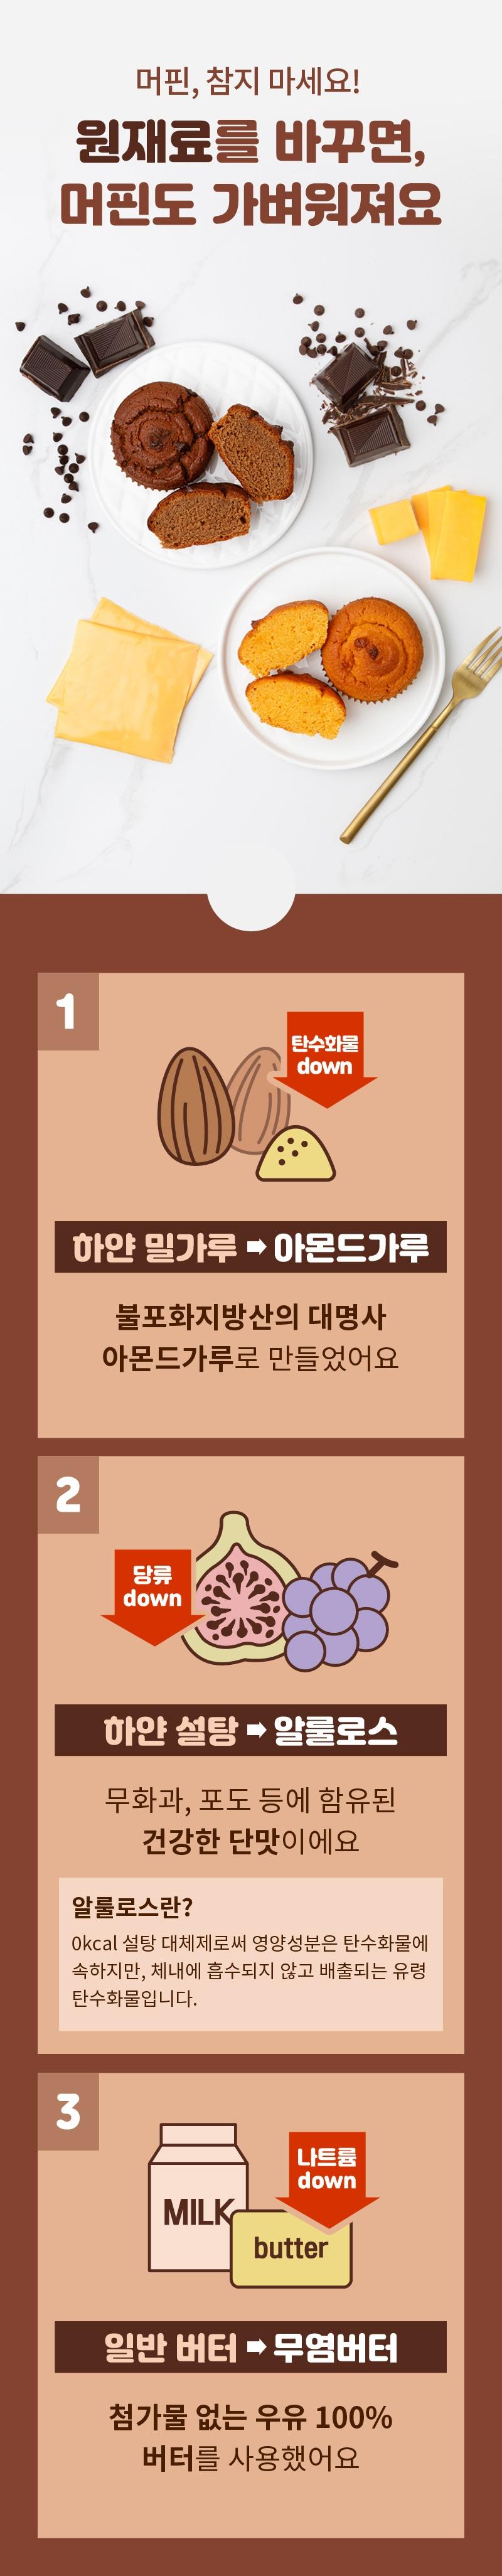 성수동 제빵소 머핀 체험단 모집 (10.29~11.11)